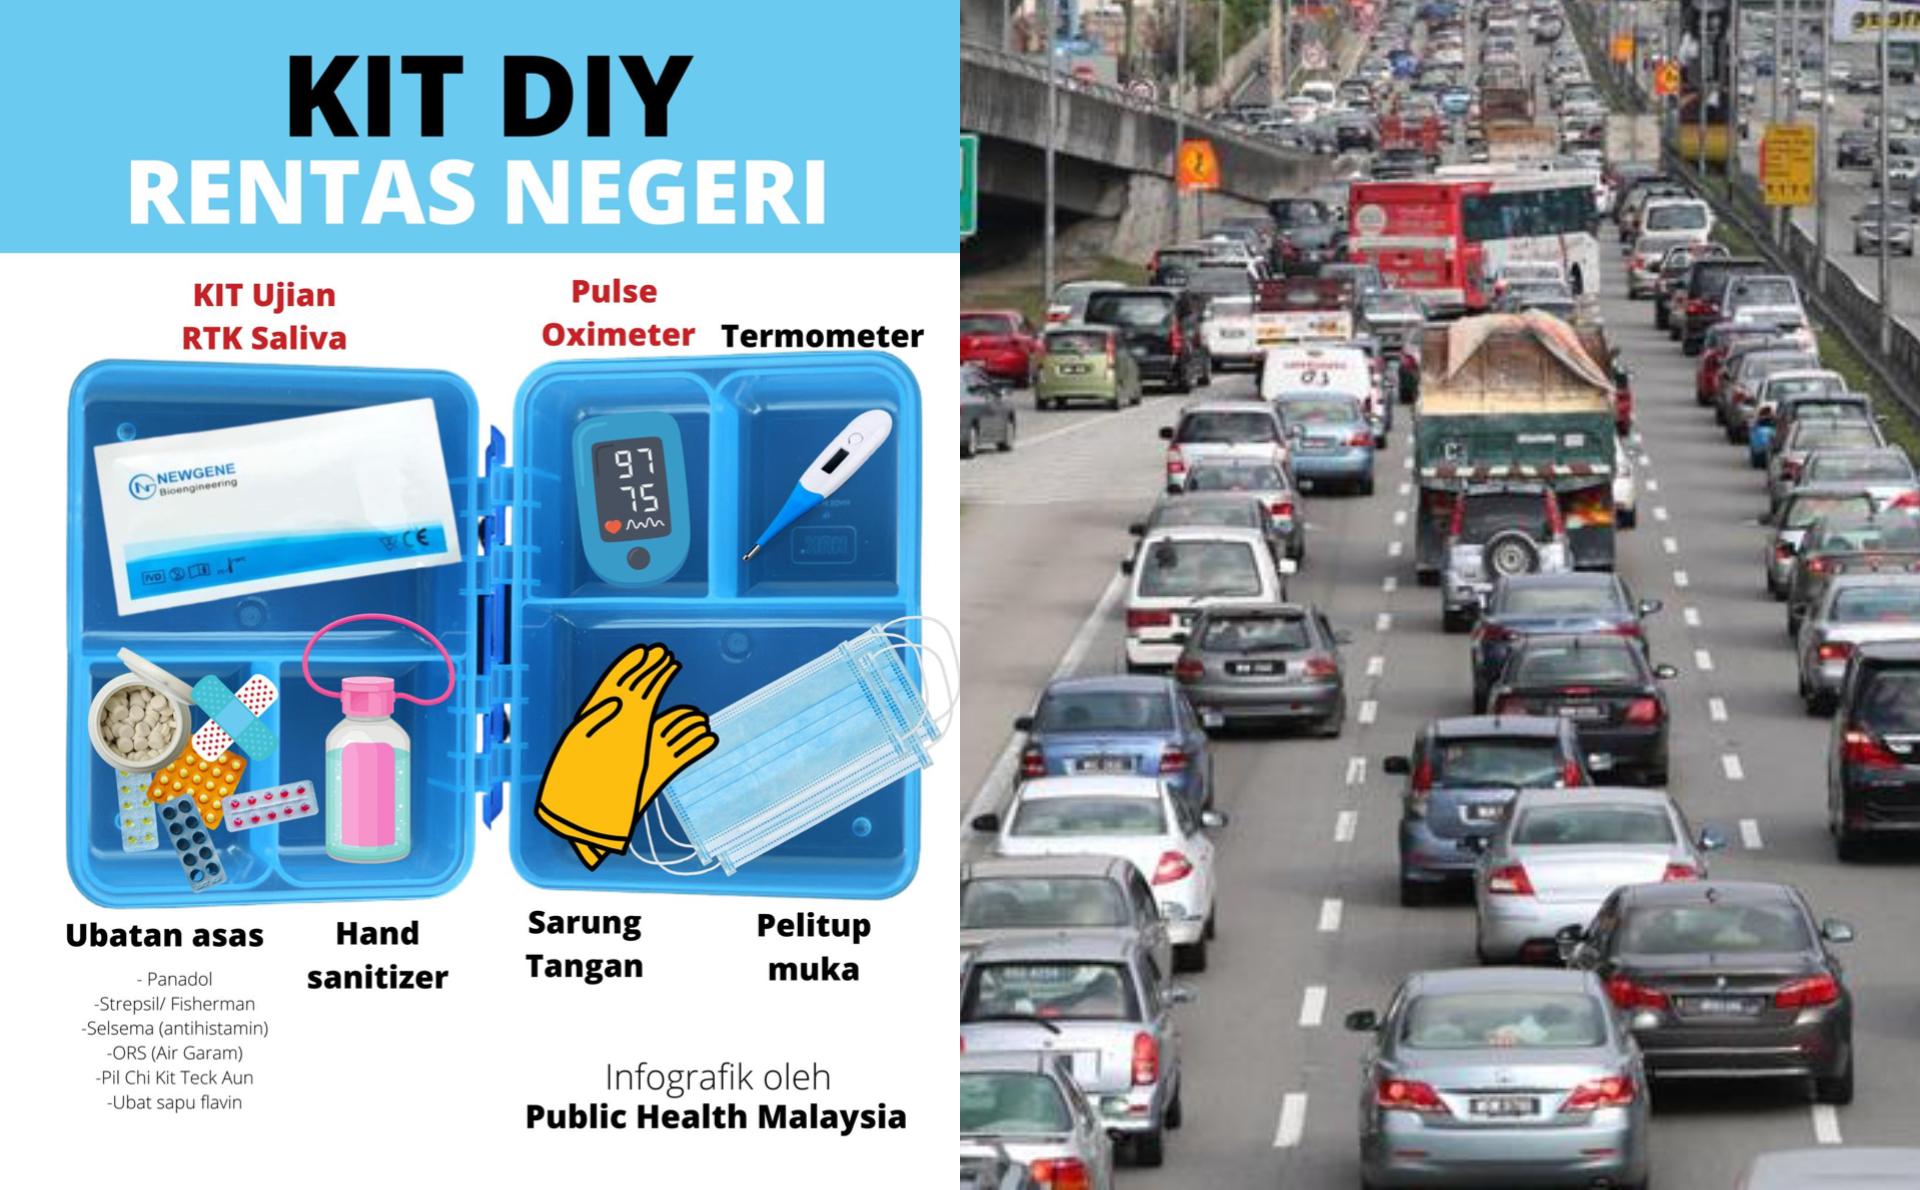 """大马公共卫建议所有要出远门的民众,为自己和家人准备""""跨州Kit DIY""""(Rentas Negeri Kit DIY)。-图摘自大马公共卫生脸书/Choo Choy May摄/精彩大马制图-"""